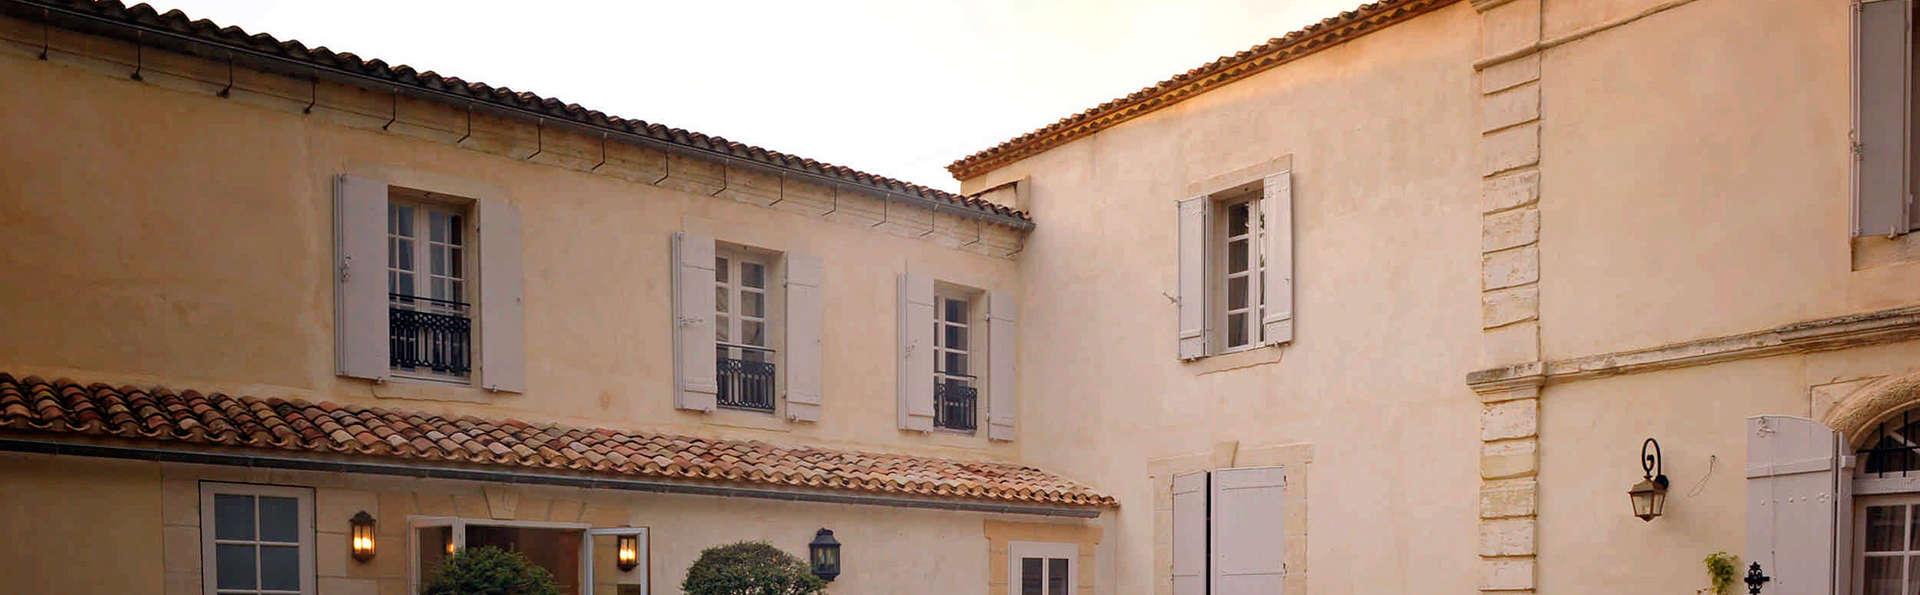 Château De Lantic - EDIT_front.jpg